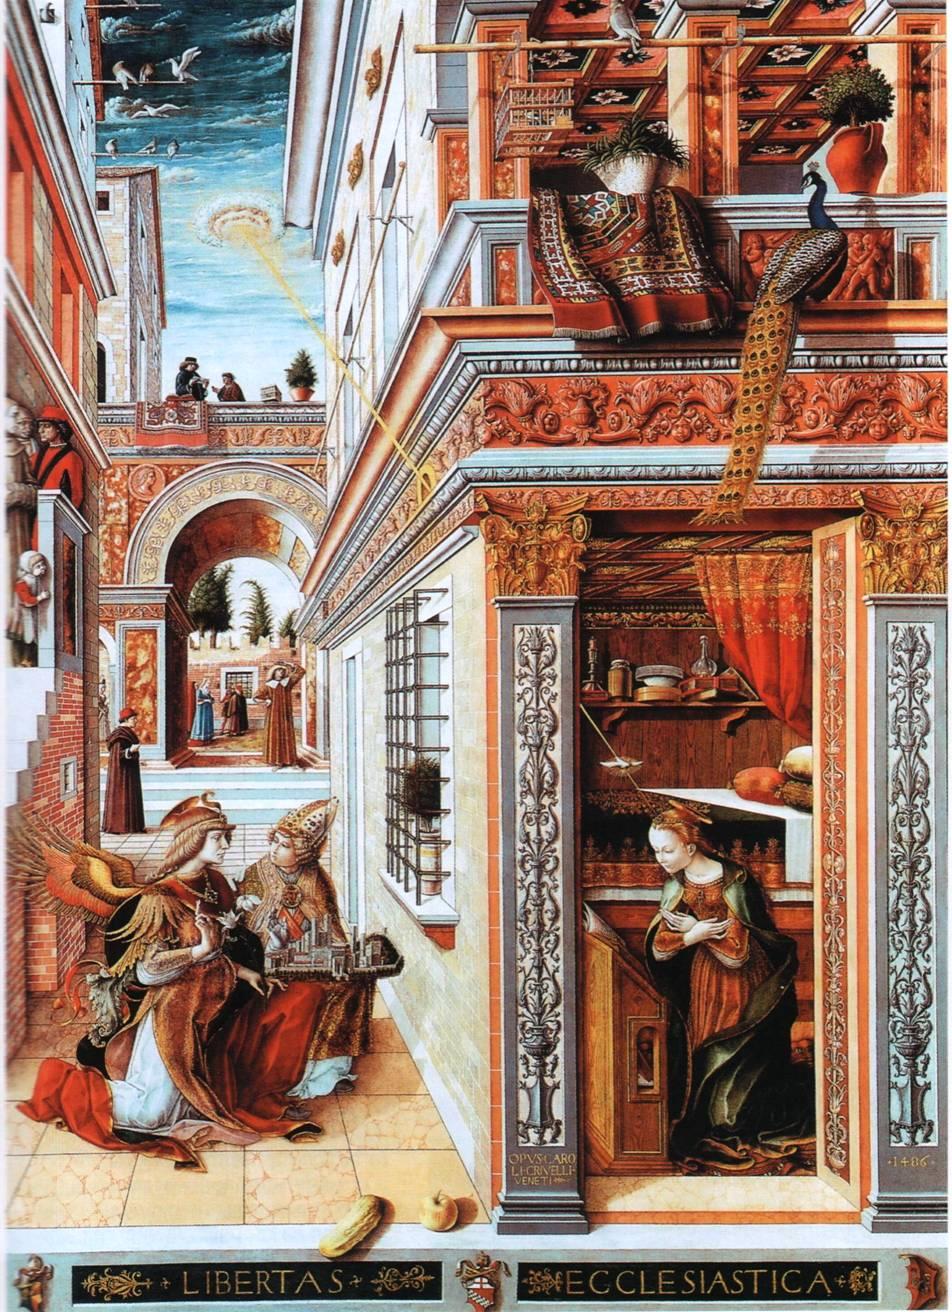 Карло Кривелли (1430-1435) изображен луч НЛО, проникающий сквозь стену дома